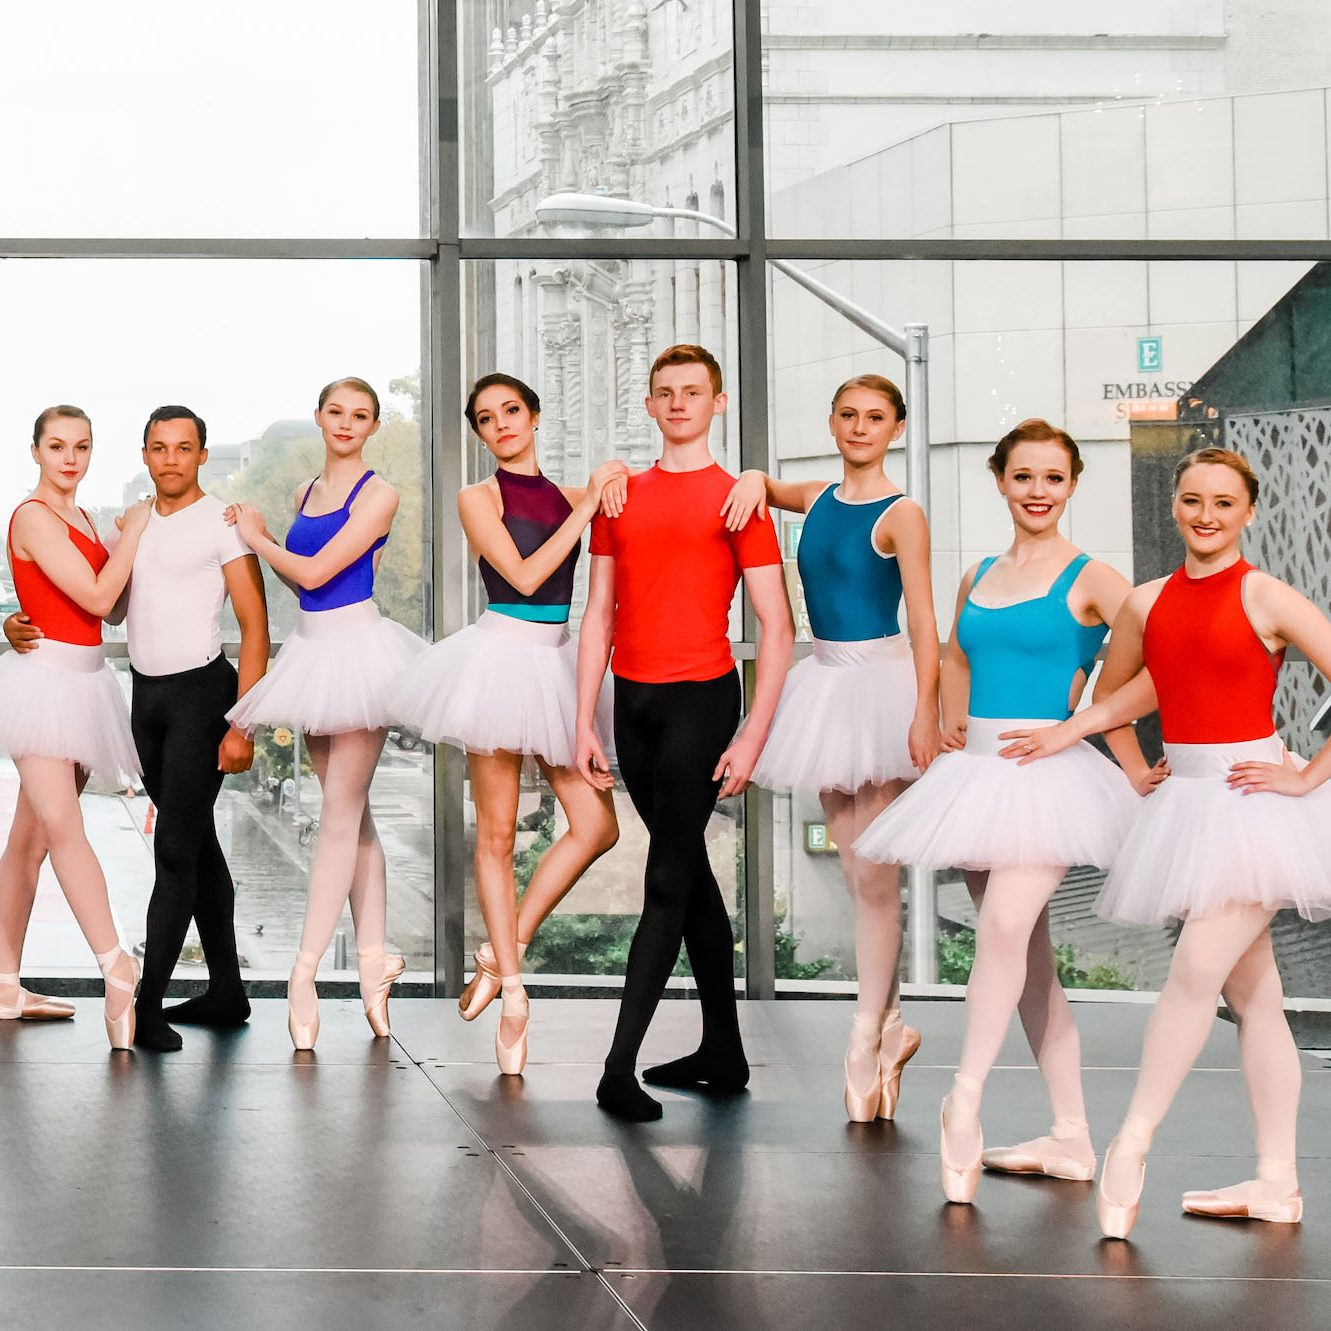 en-pointe-ballet-academy-indiana-6 1500